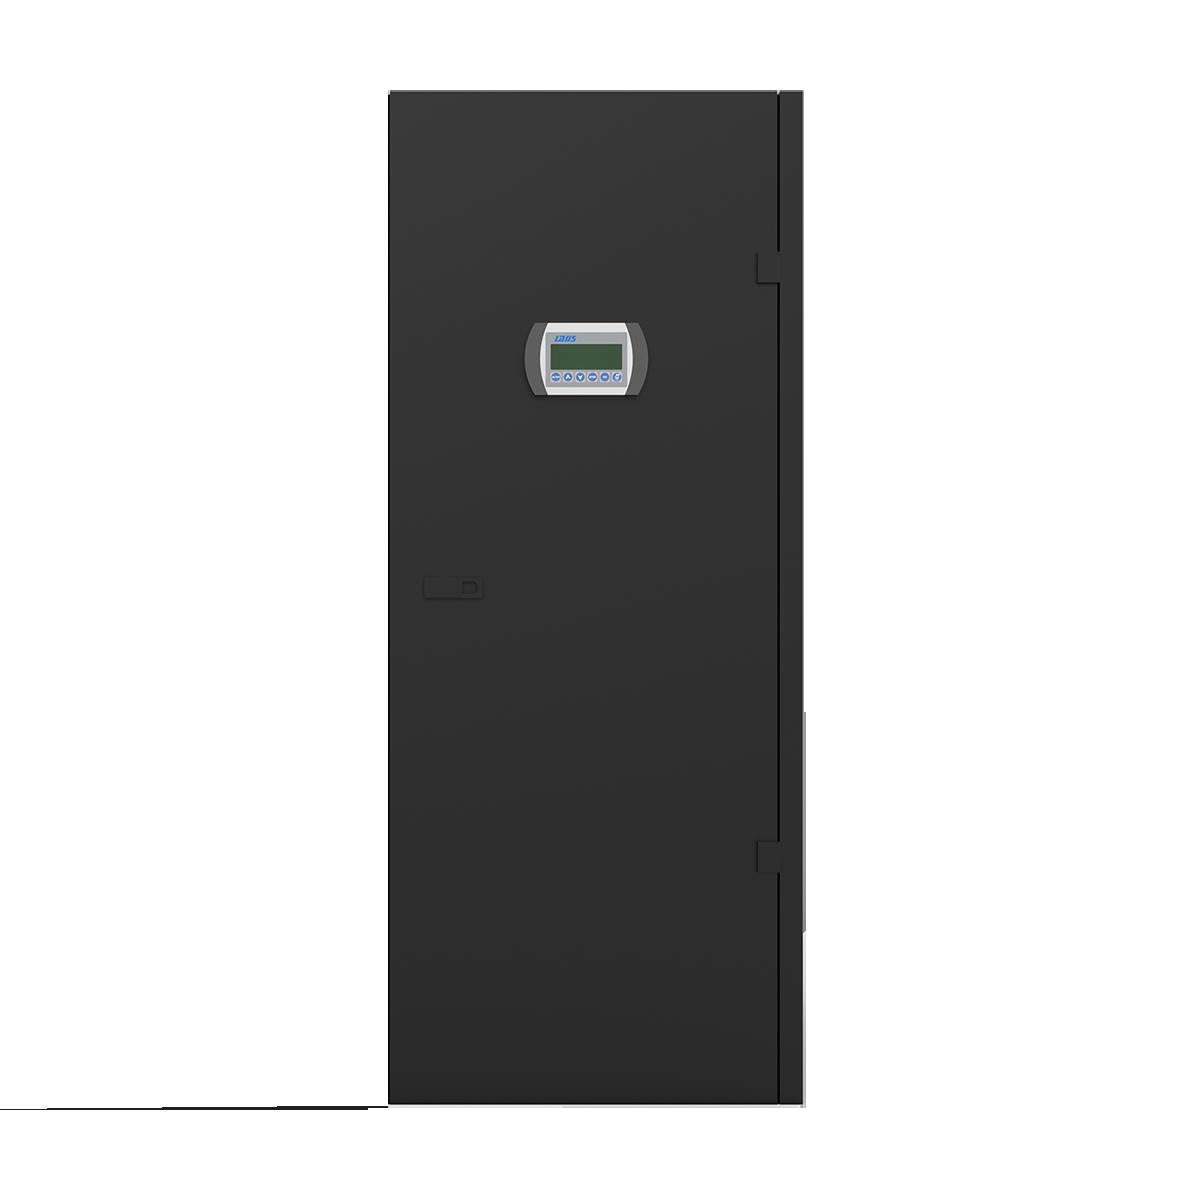 雷迪司机房精密空调25KW制冷量风冷恒温恒湿下送风LDA251D空调